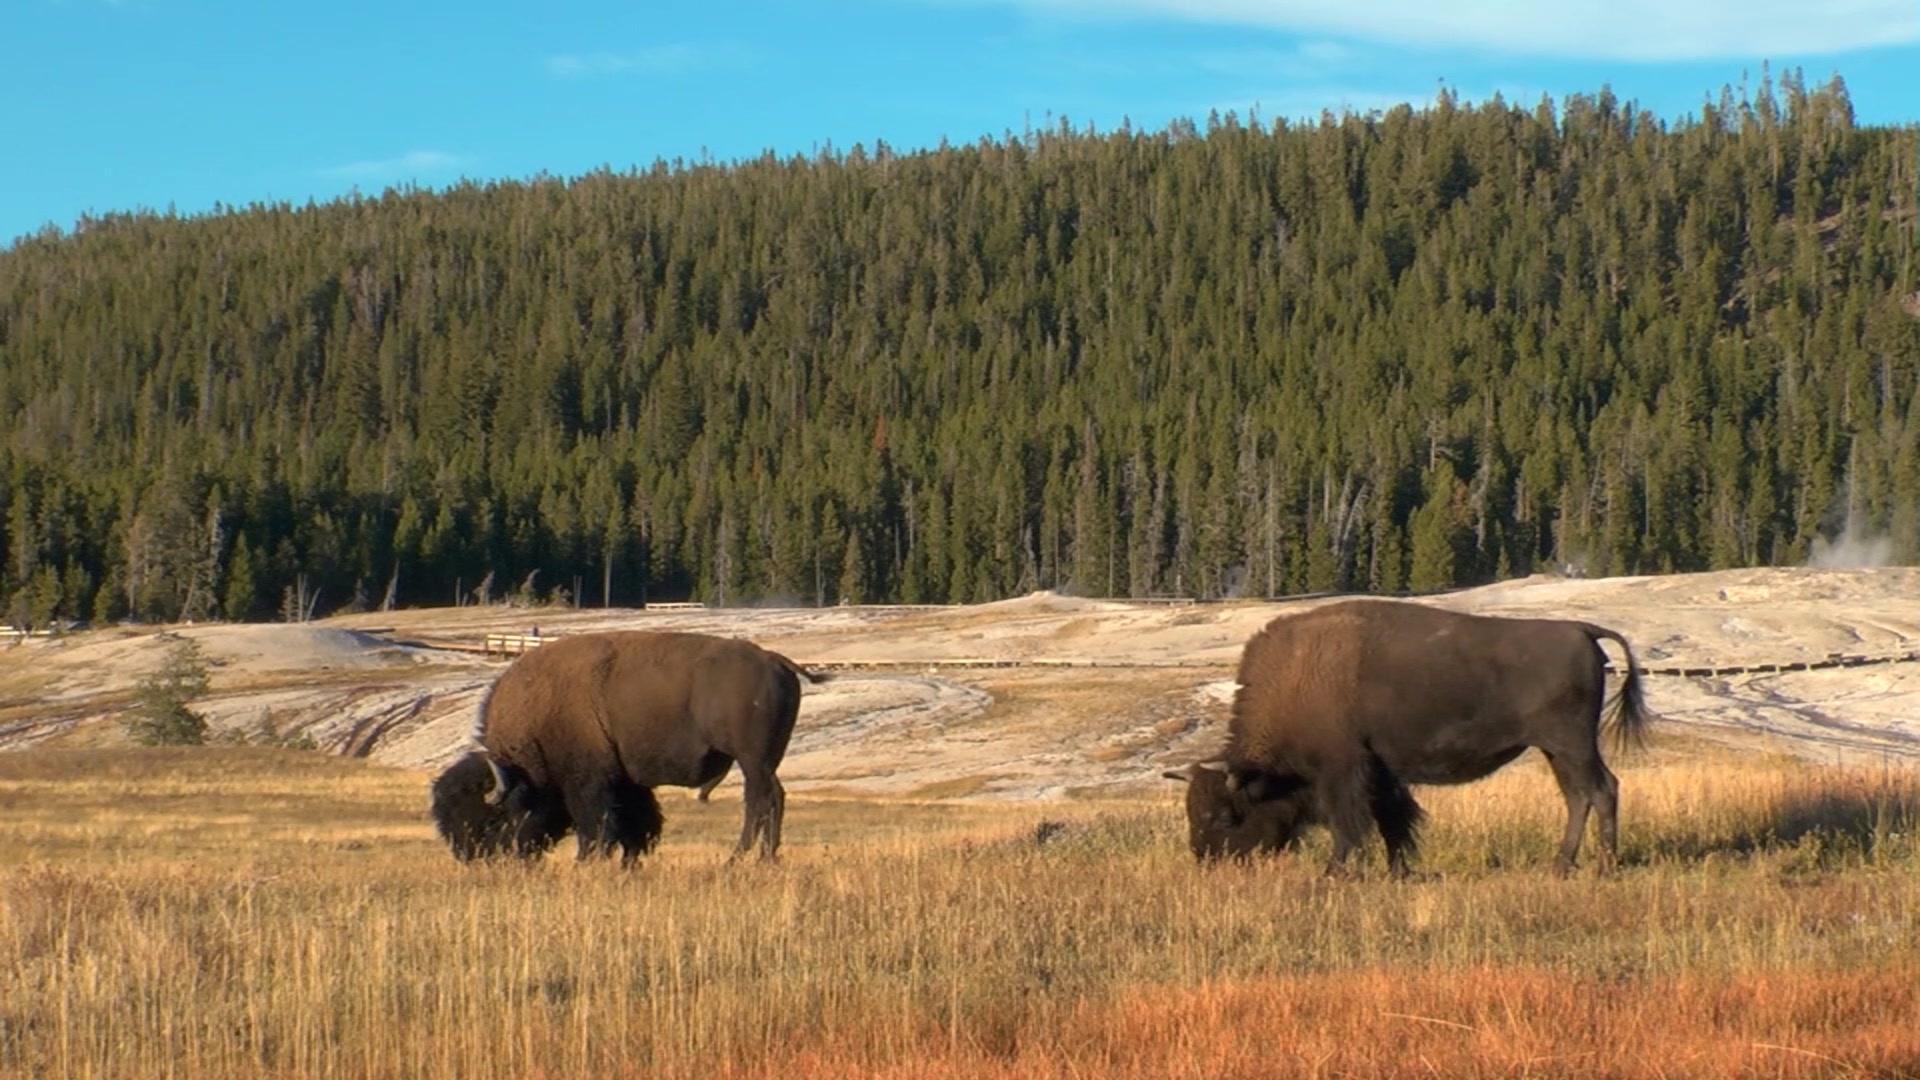 Всемирное природное наследие США: Национальный парк Йелоустоун 3D